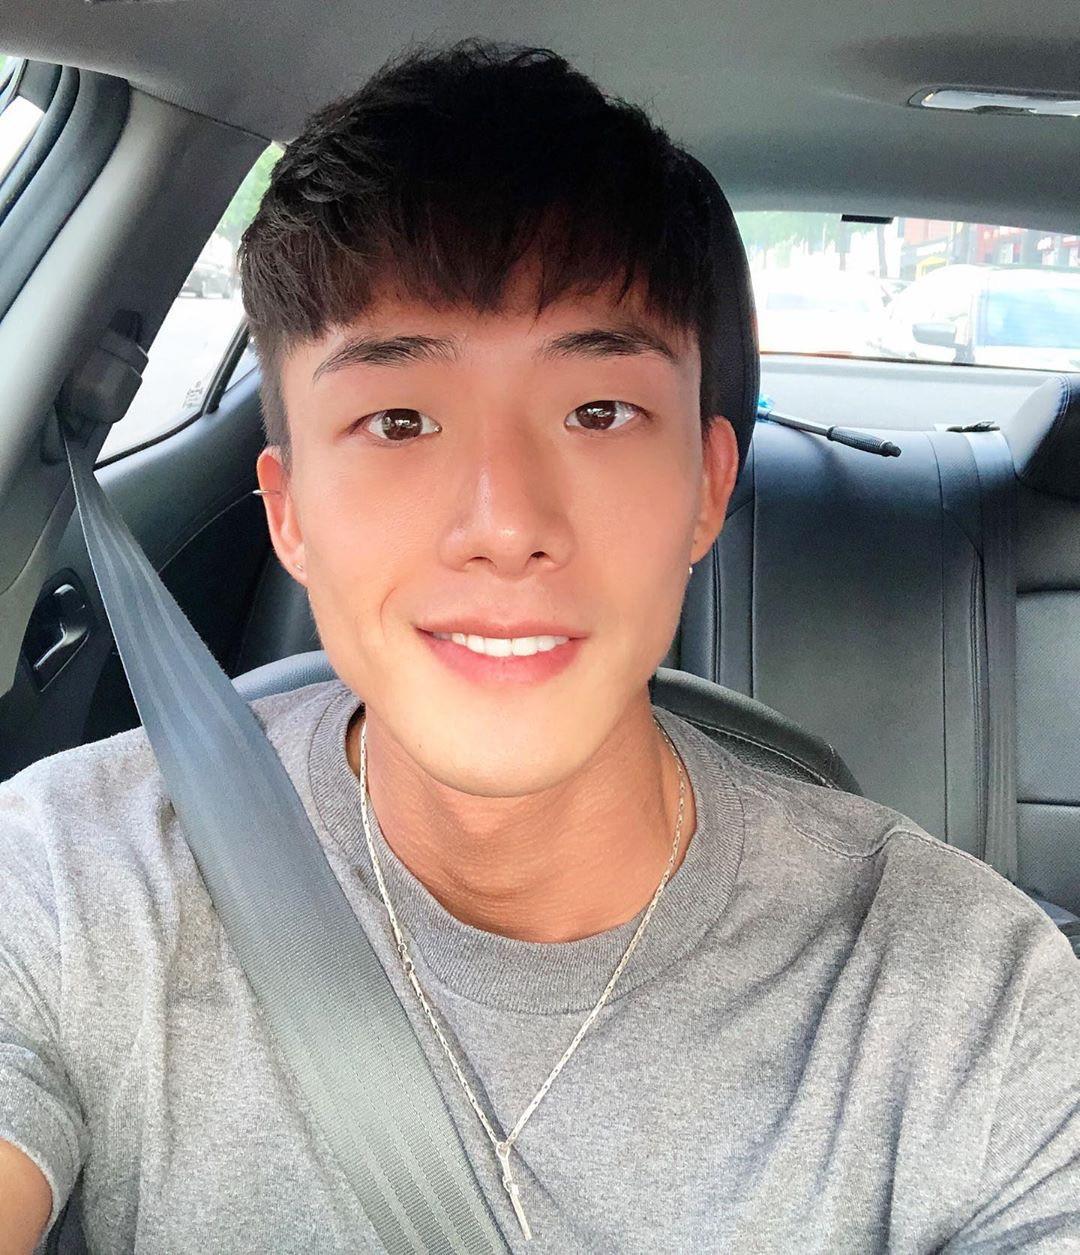 Cha Hyun-seung